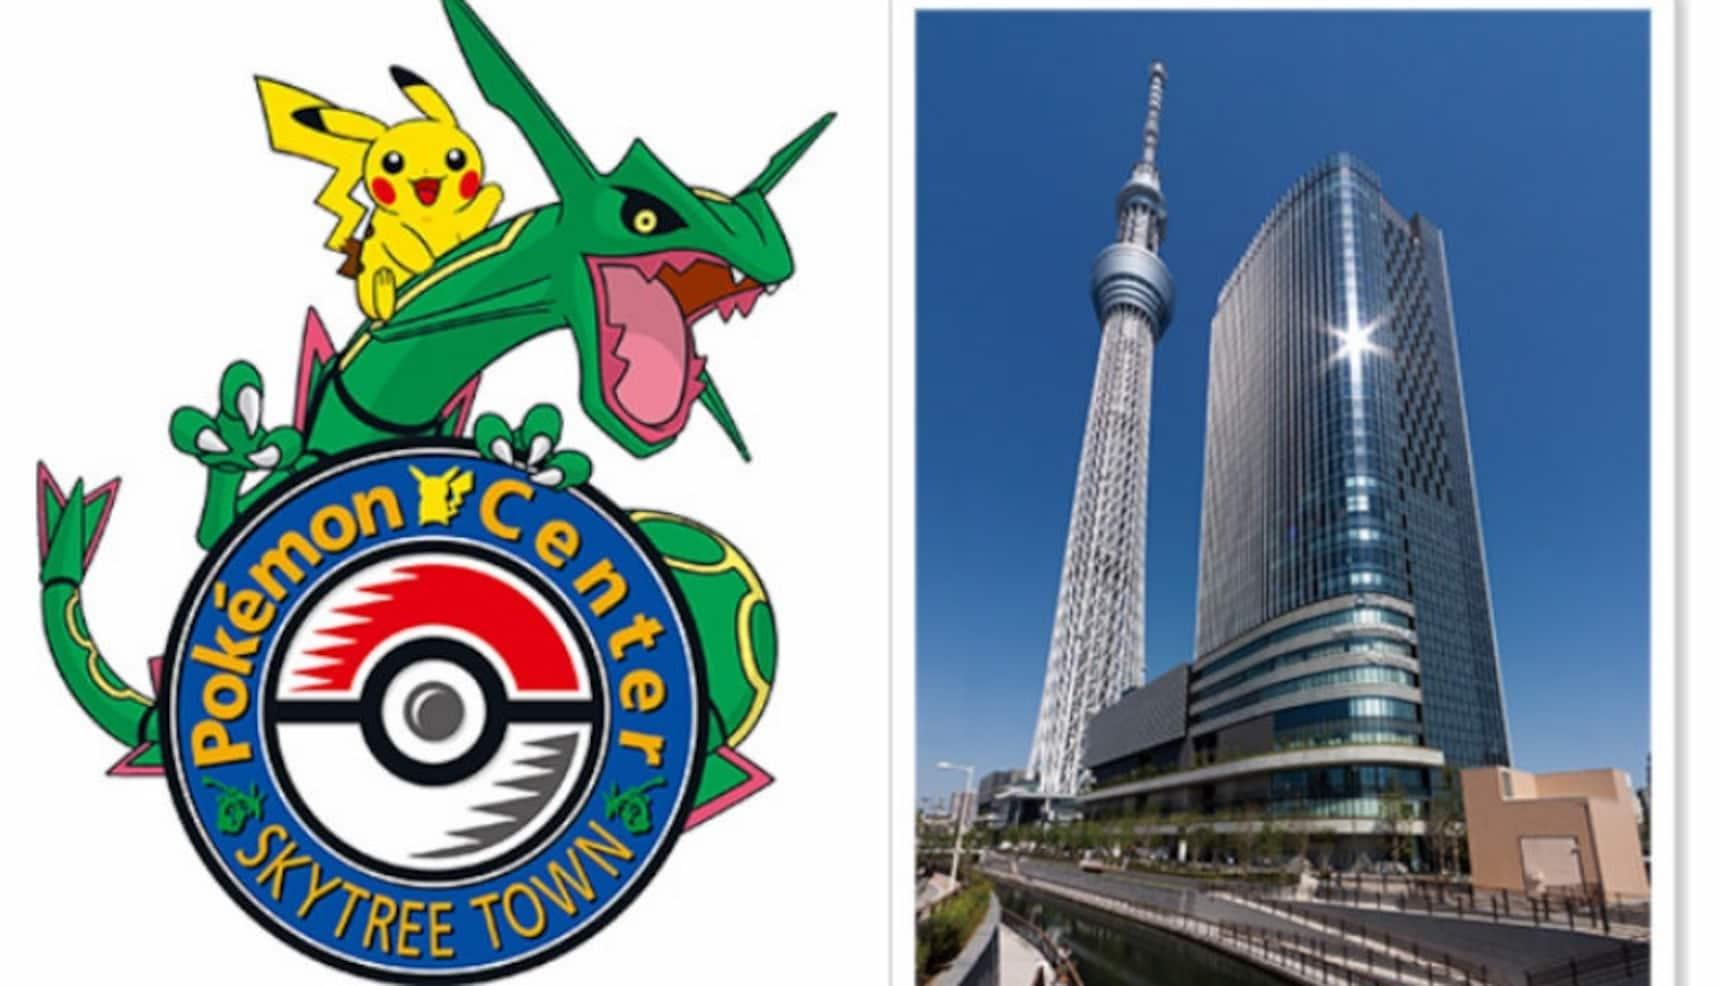 Pokémon Center Set to Open at Tokyo Skytree!